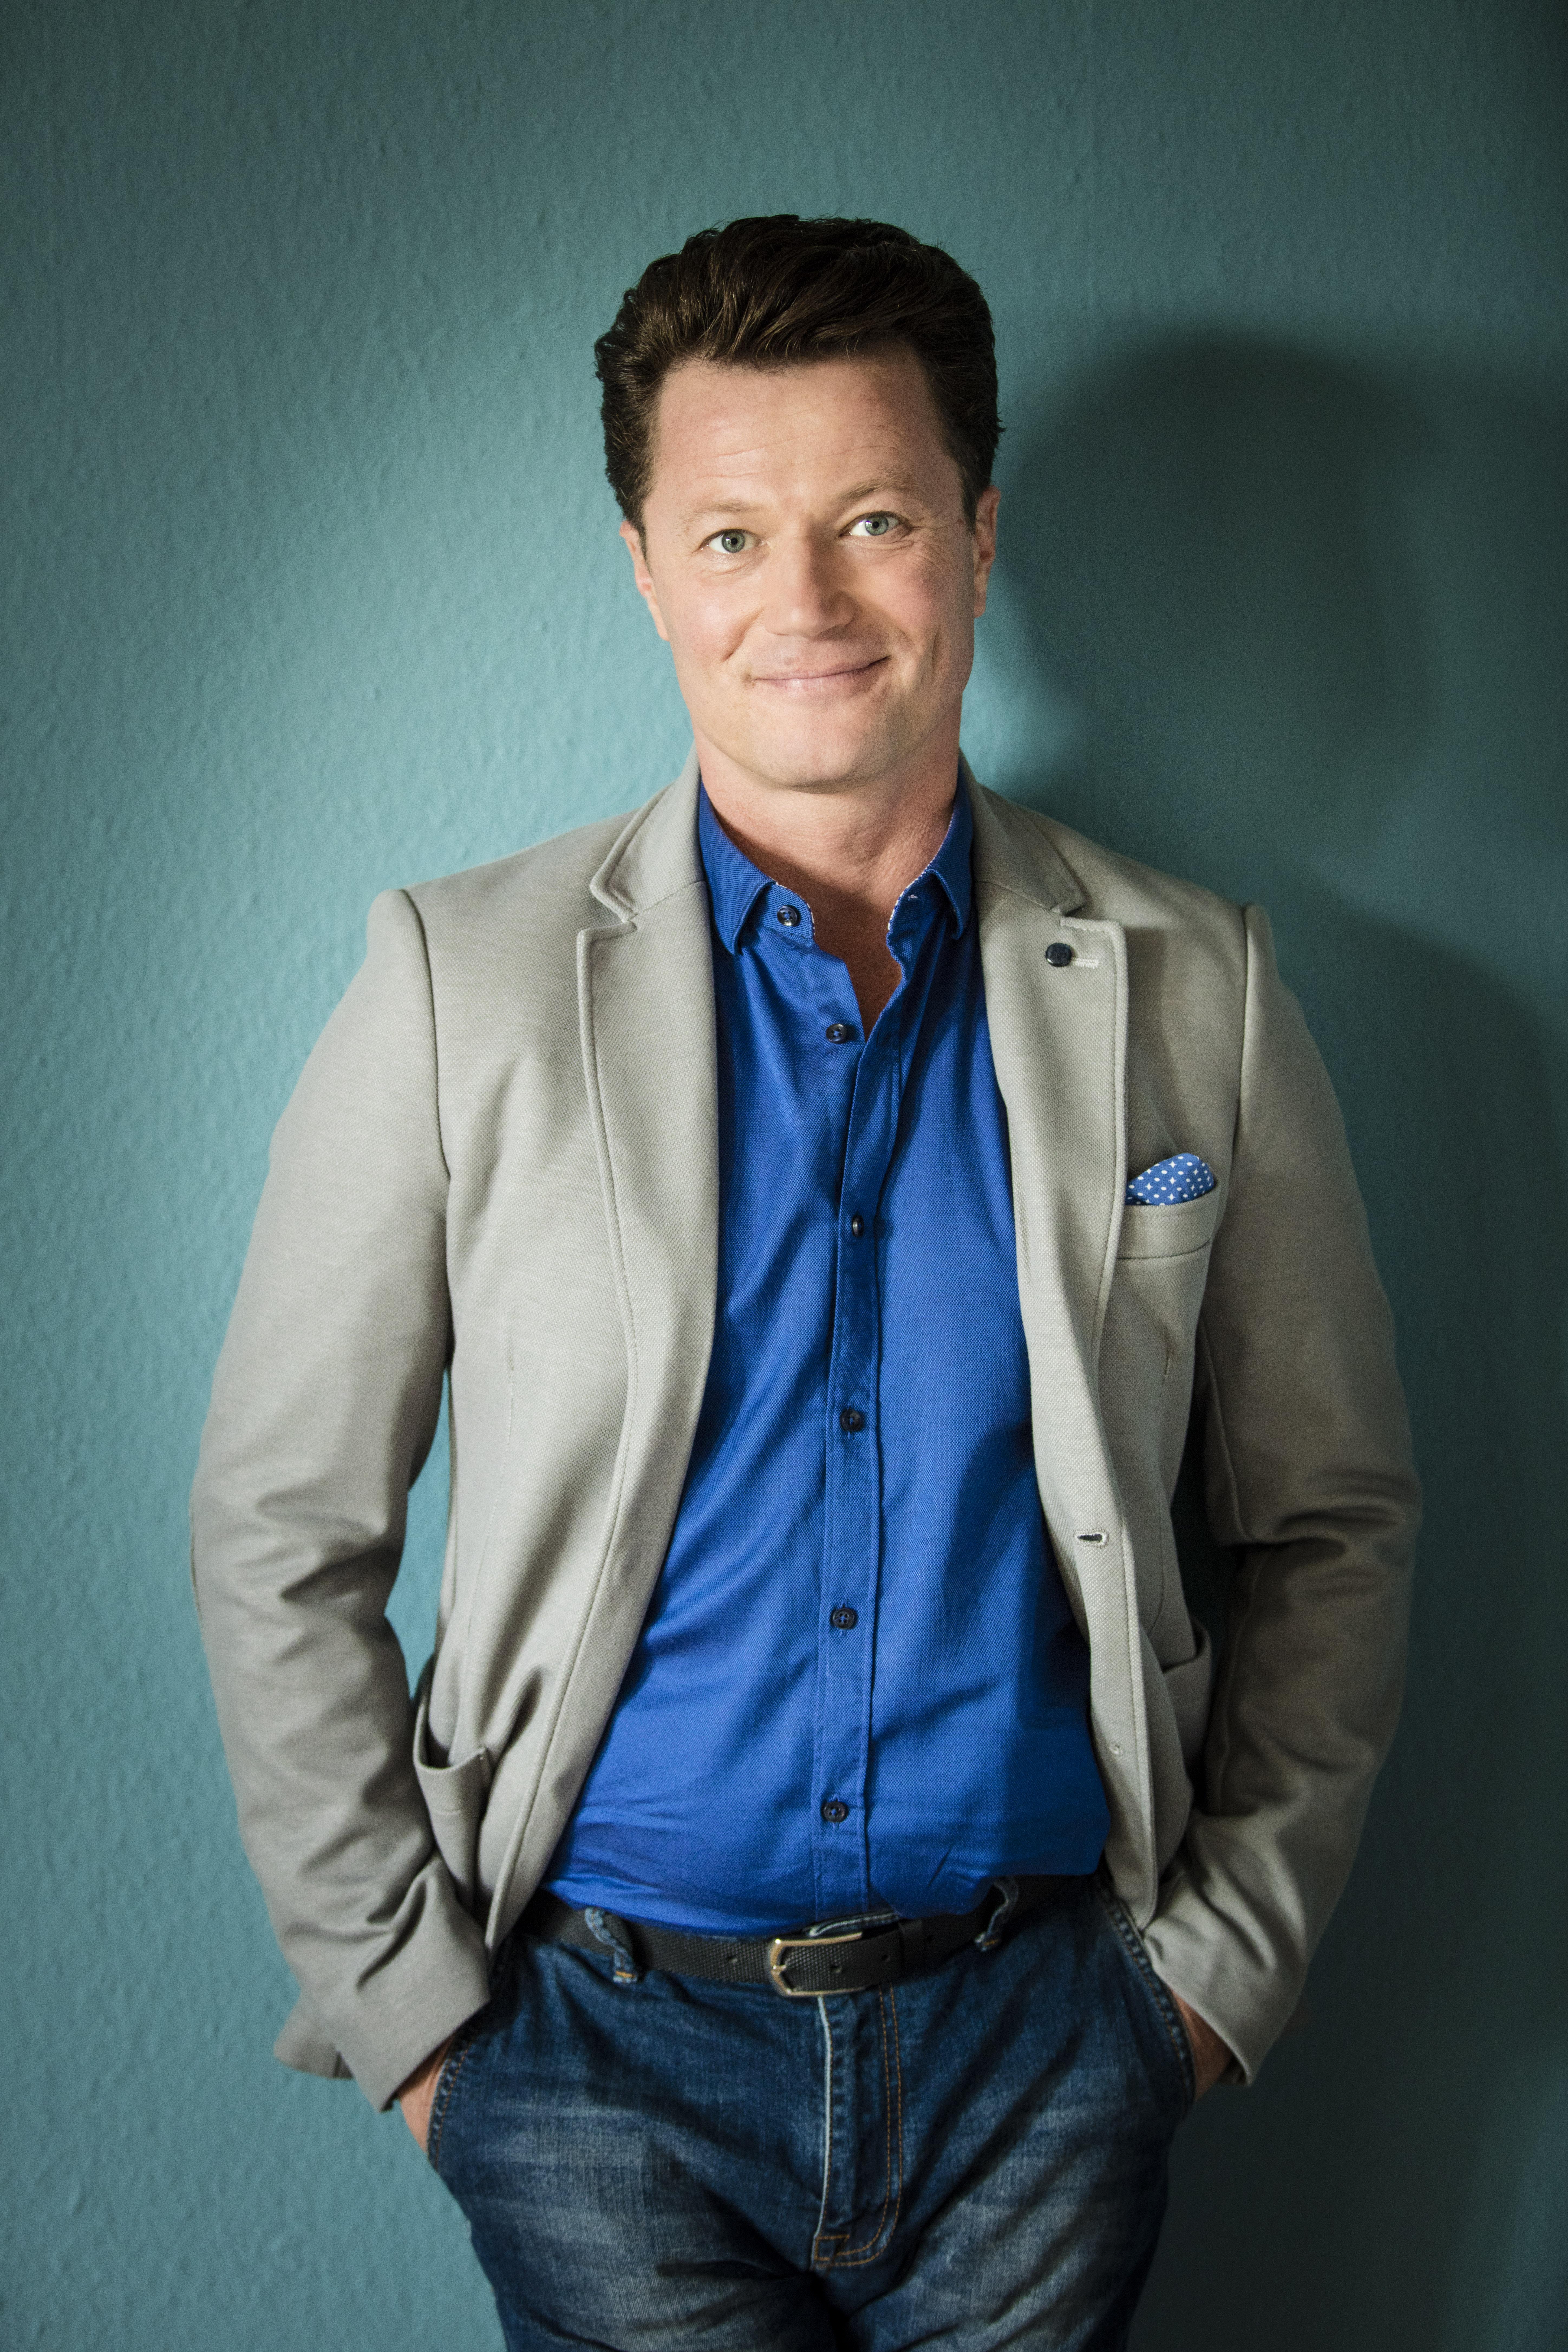 Hamarosan indul az RTL Klub vadonatúj, Válótársak című filmsorozata. Stohl András színész